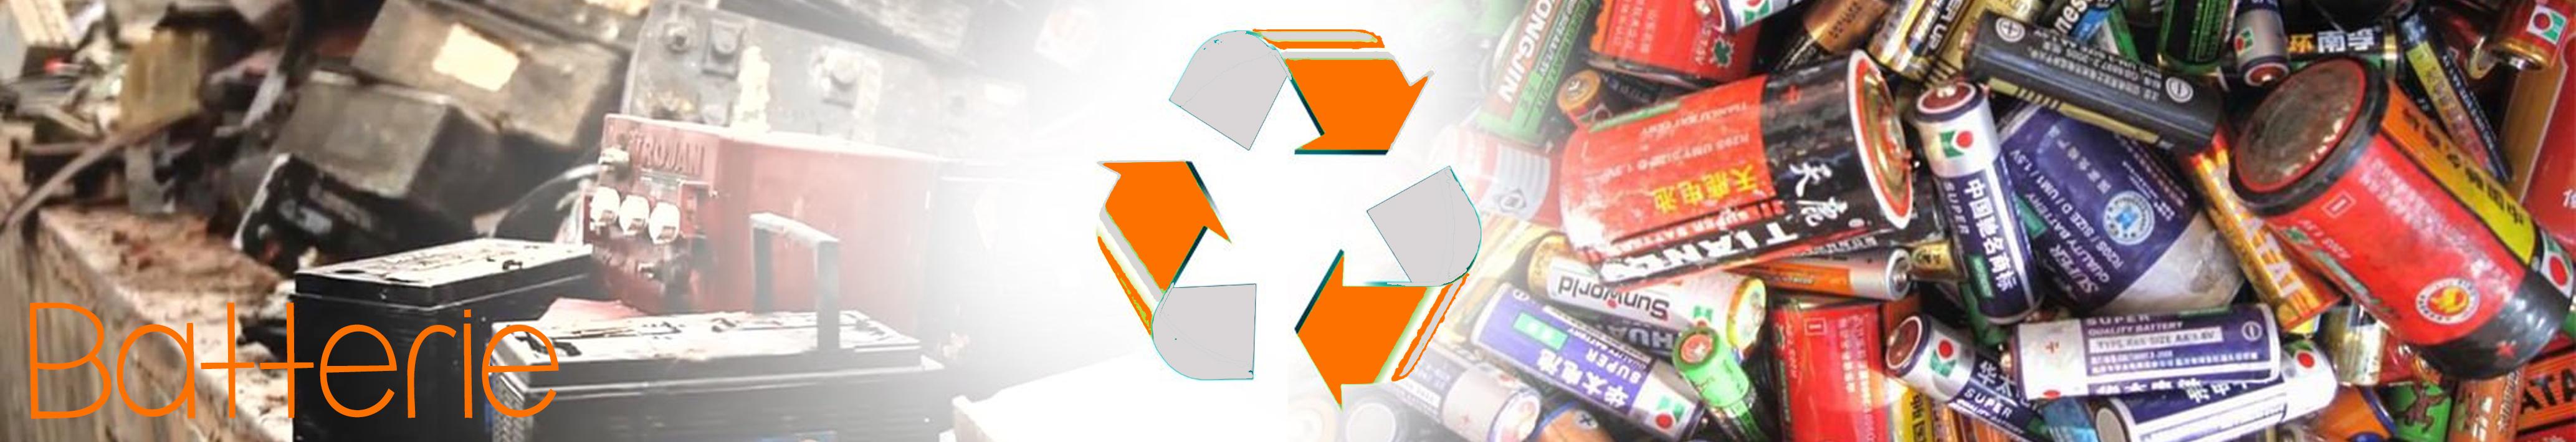 Futurtec - Batterie